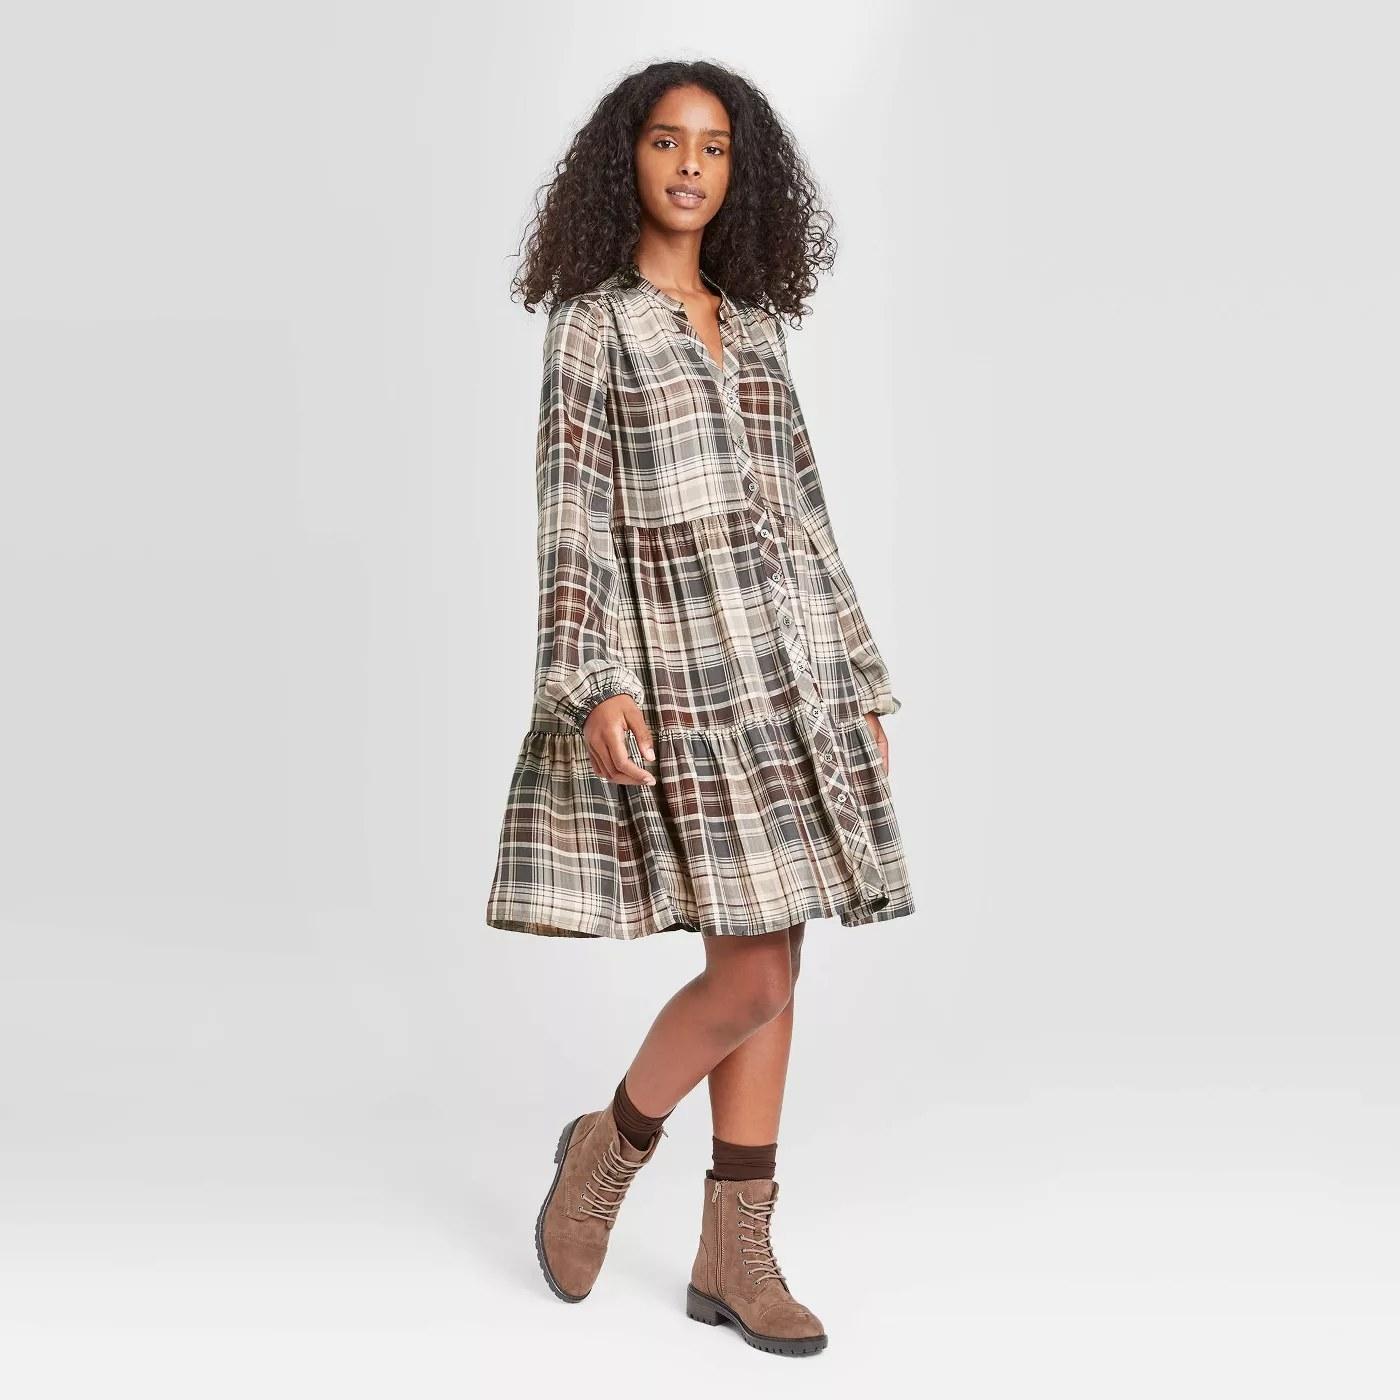 model wears plaid dress